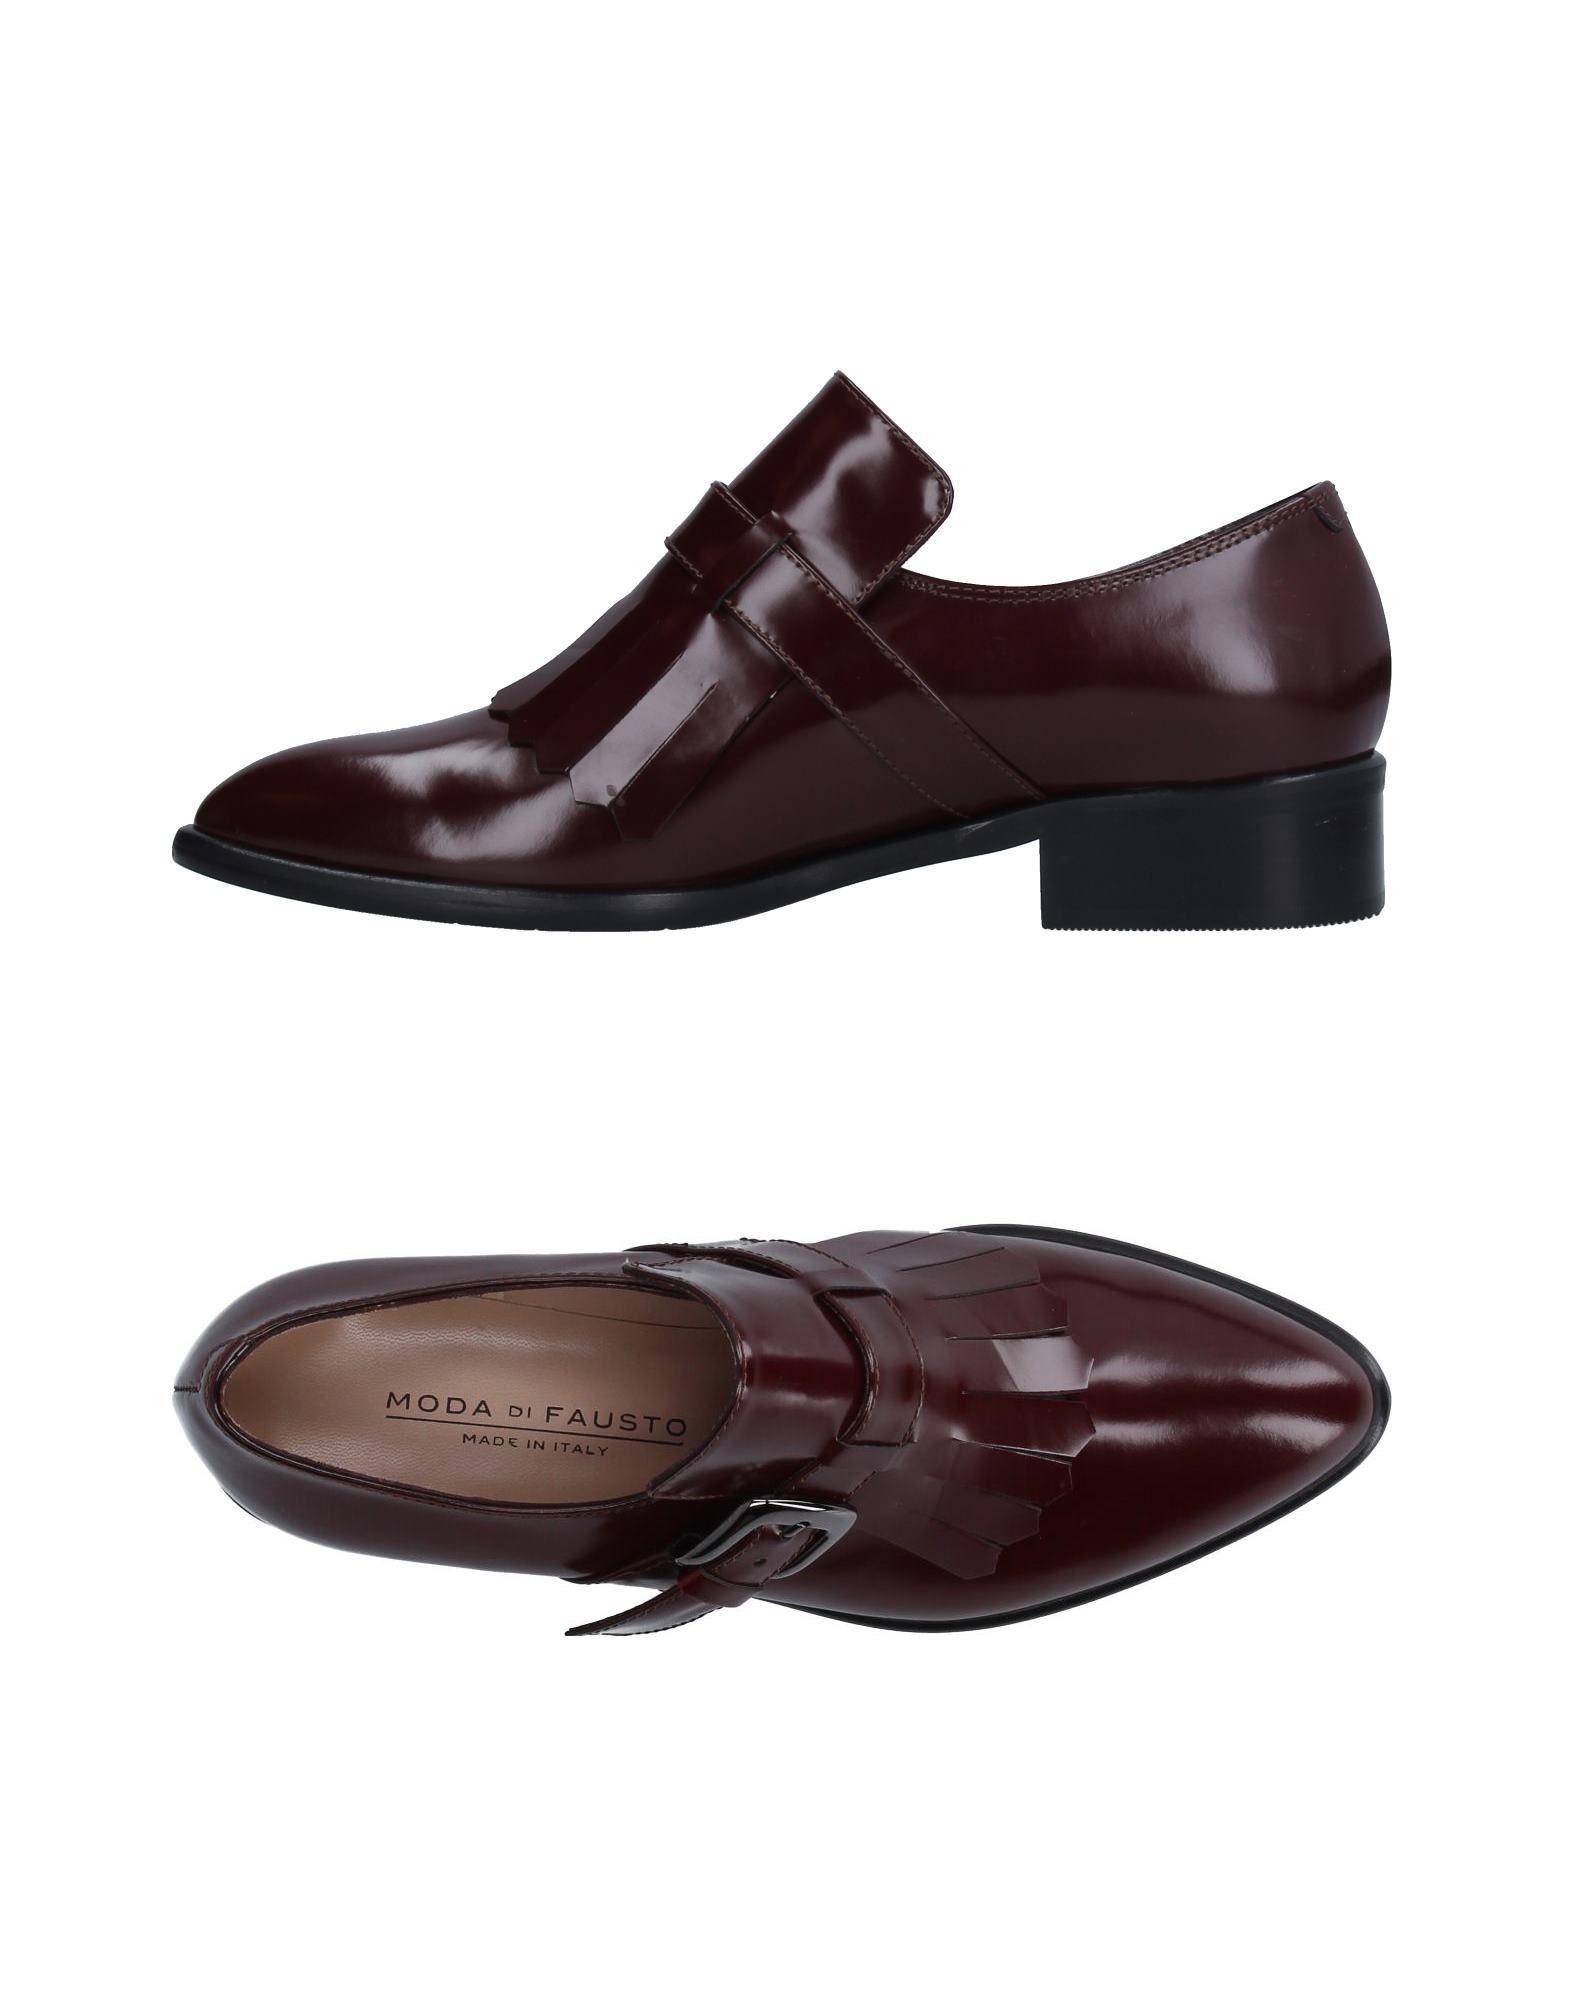 Moda Di Fausto Mokassins Neue Damen  11232552ME Neue Mokassins Schuhe 4a51ca